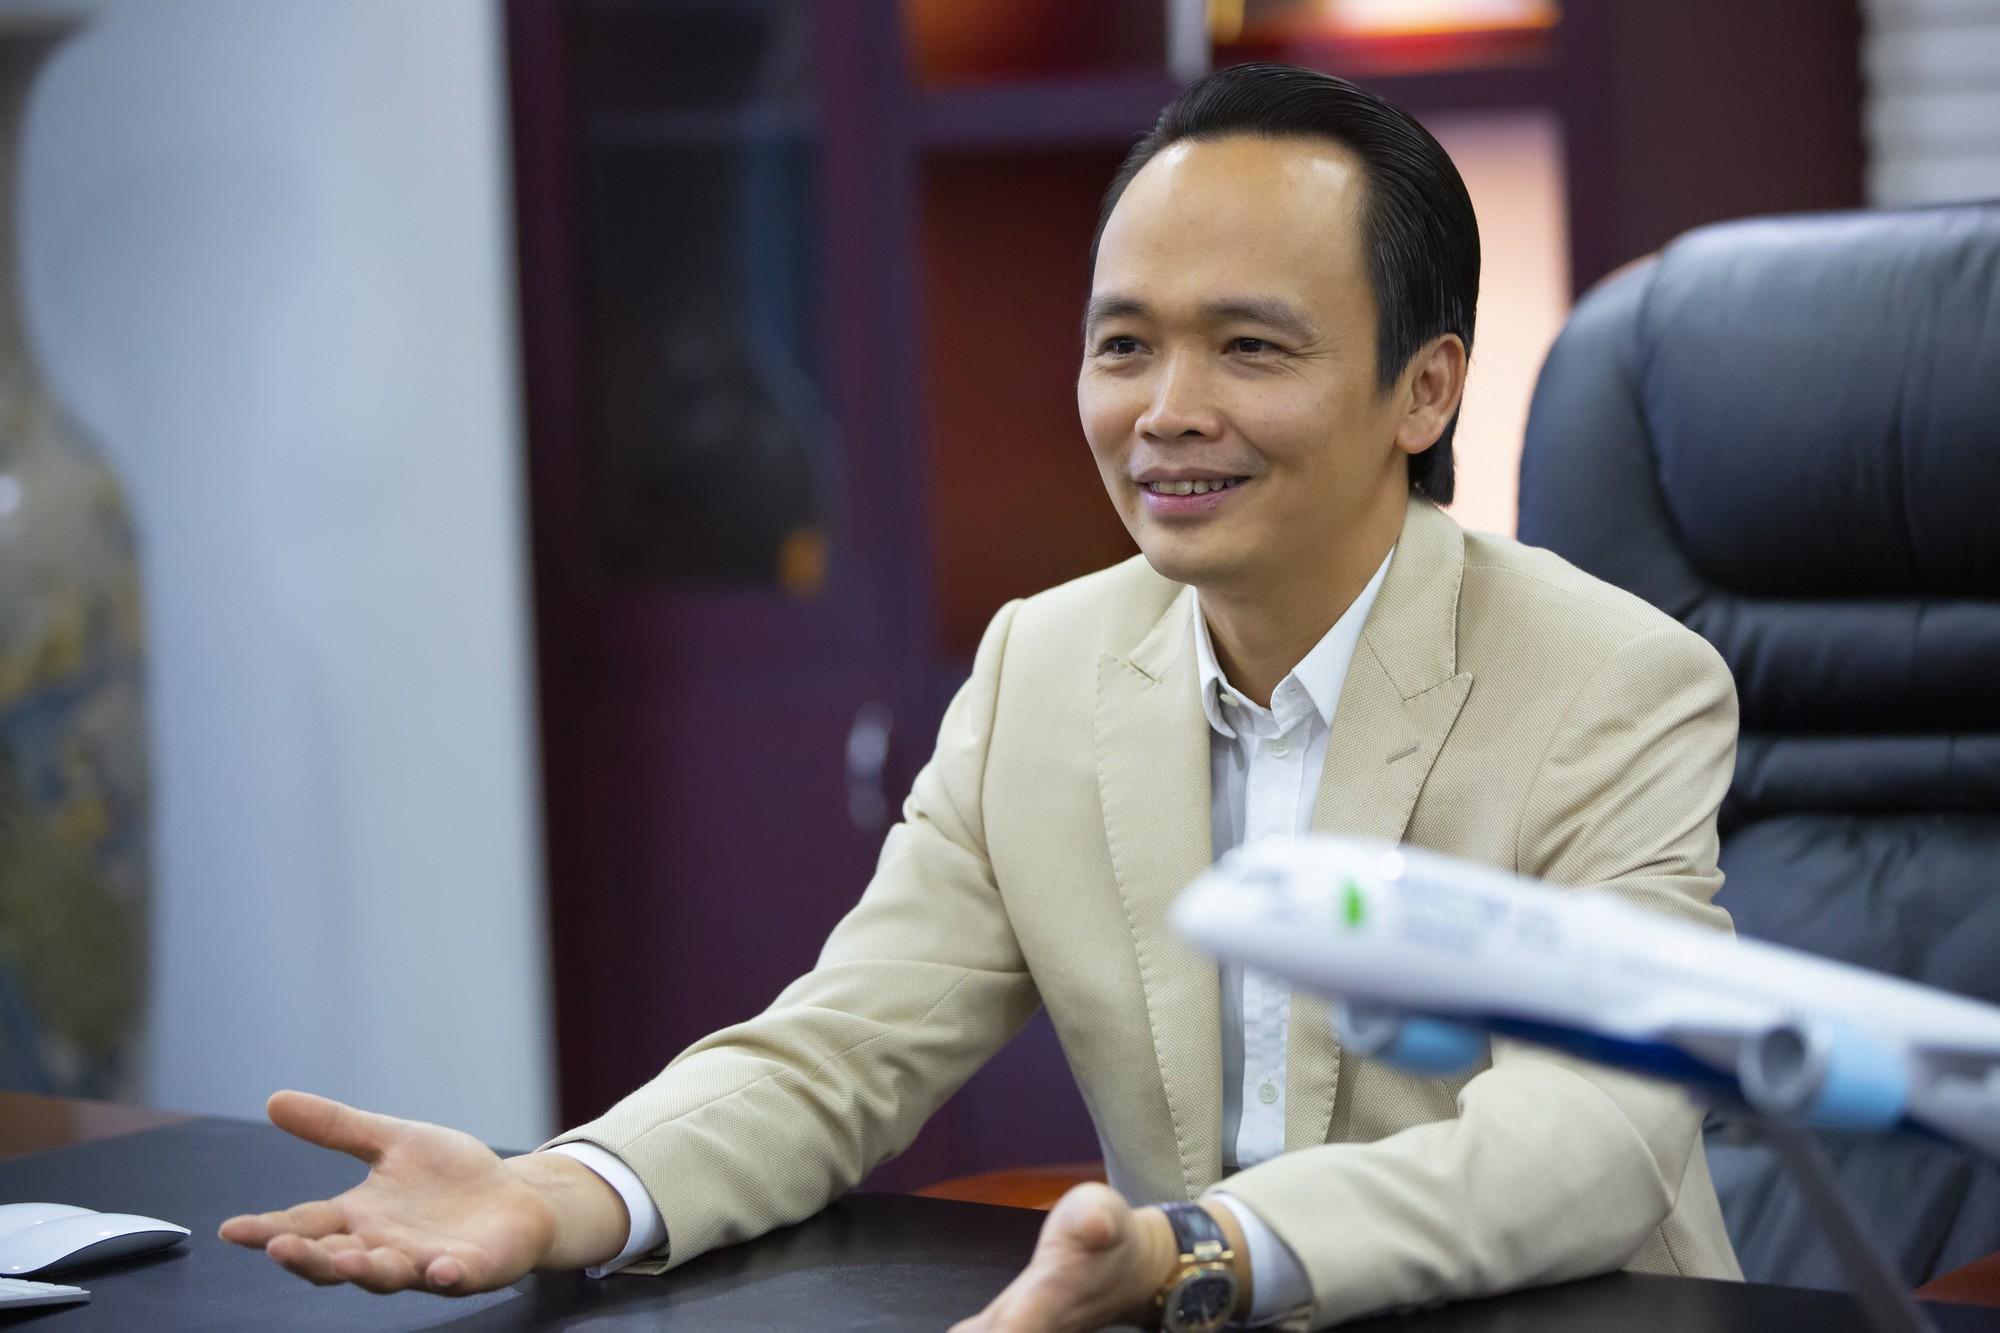 Bamboo Airways vừa cất cánh, lợi nhuận doanh nghiệp của đại gia Trịnh Văn Quyết giảm 12 lần, chỉ còn 8 tỉ đồng - Ảnh 2.